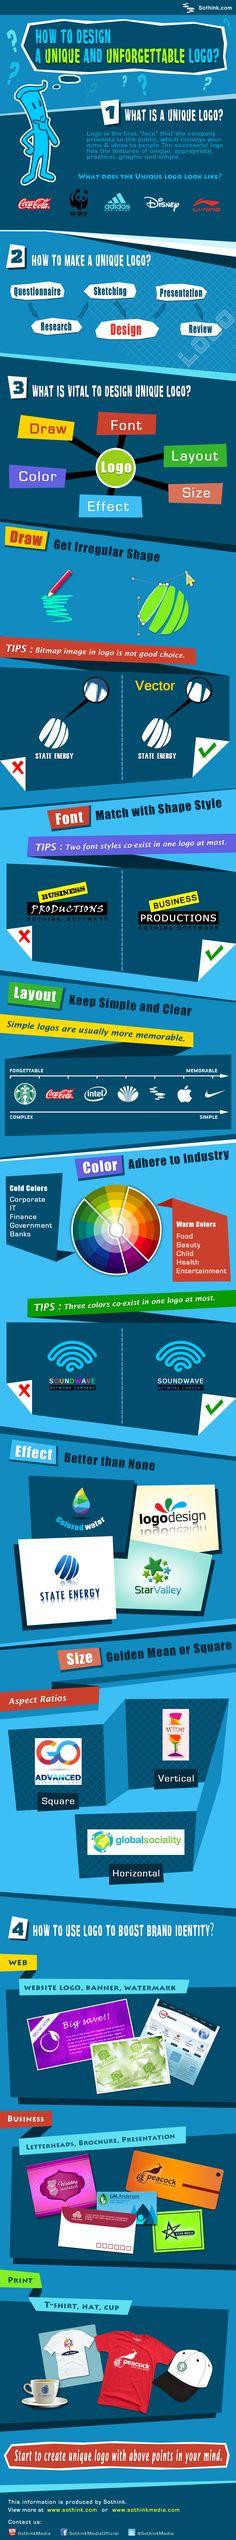 infographic-unique-logo-design-ideas